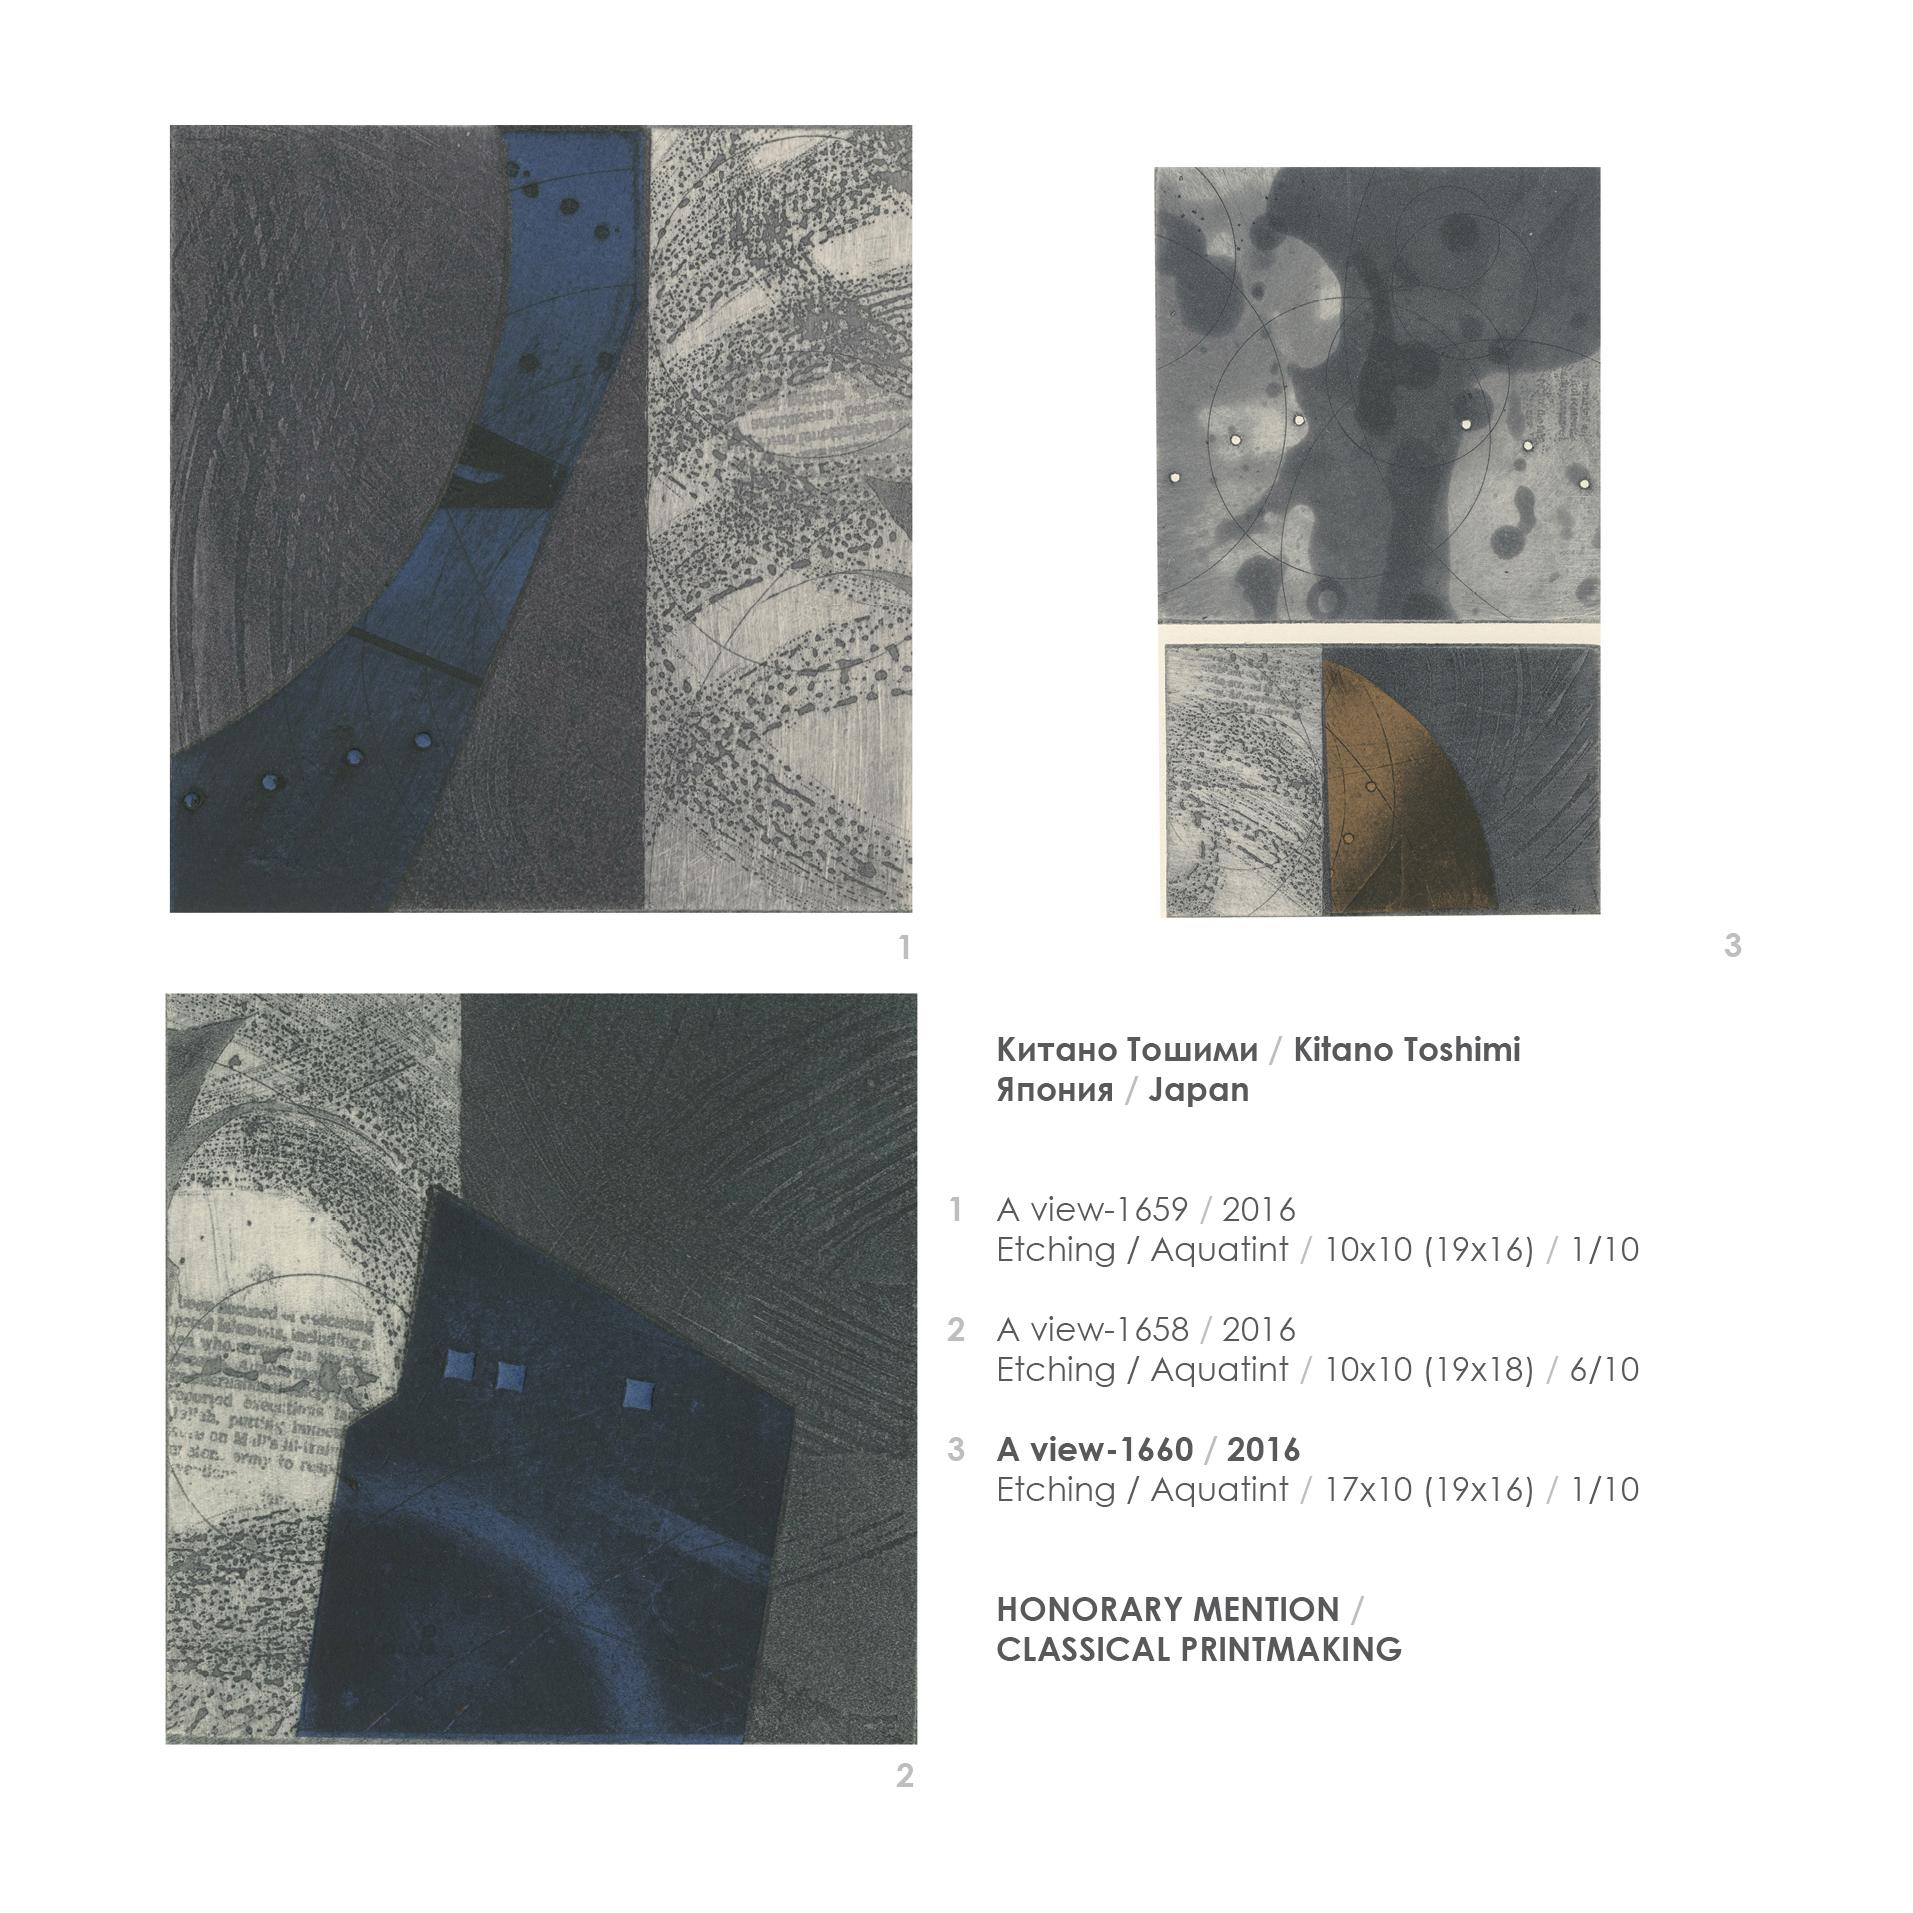 images103.jpg.jpg